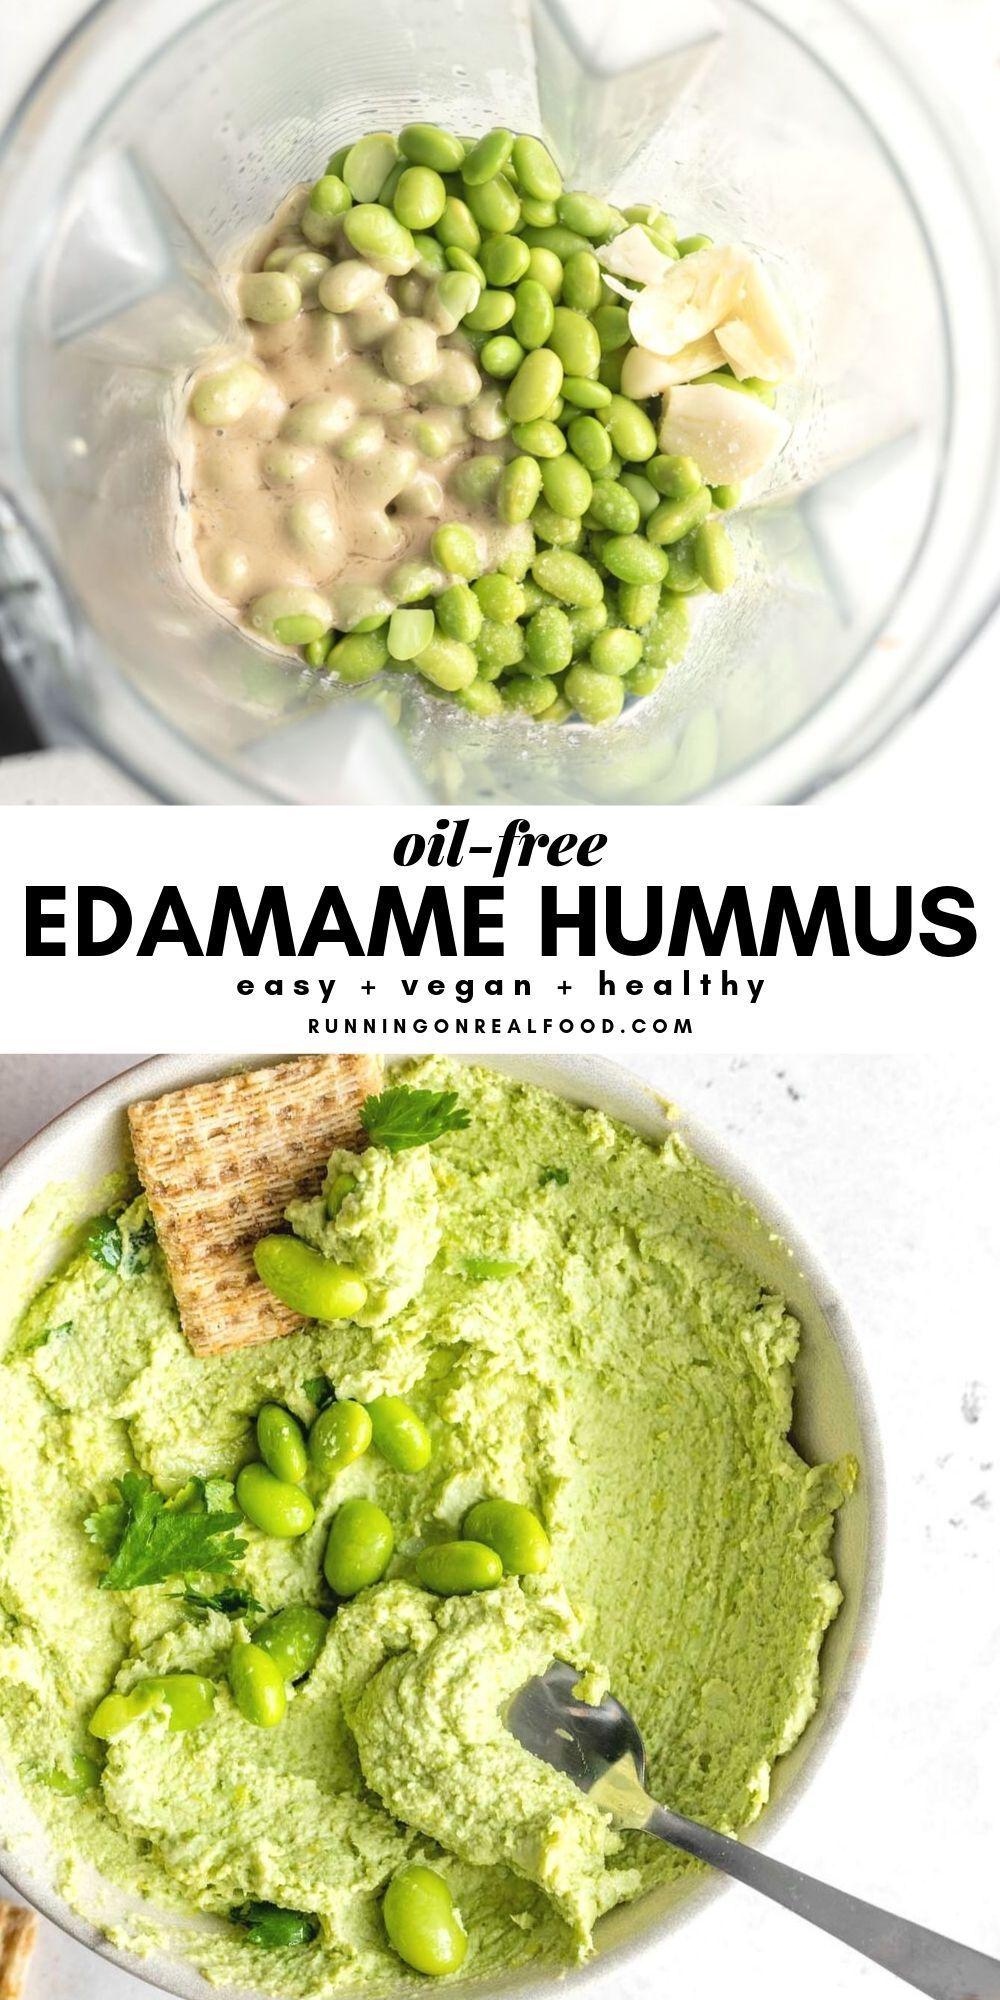 Edamame Hummus #cilantrosauce